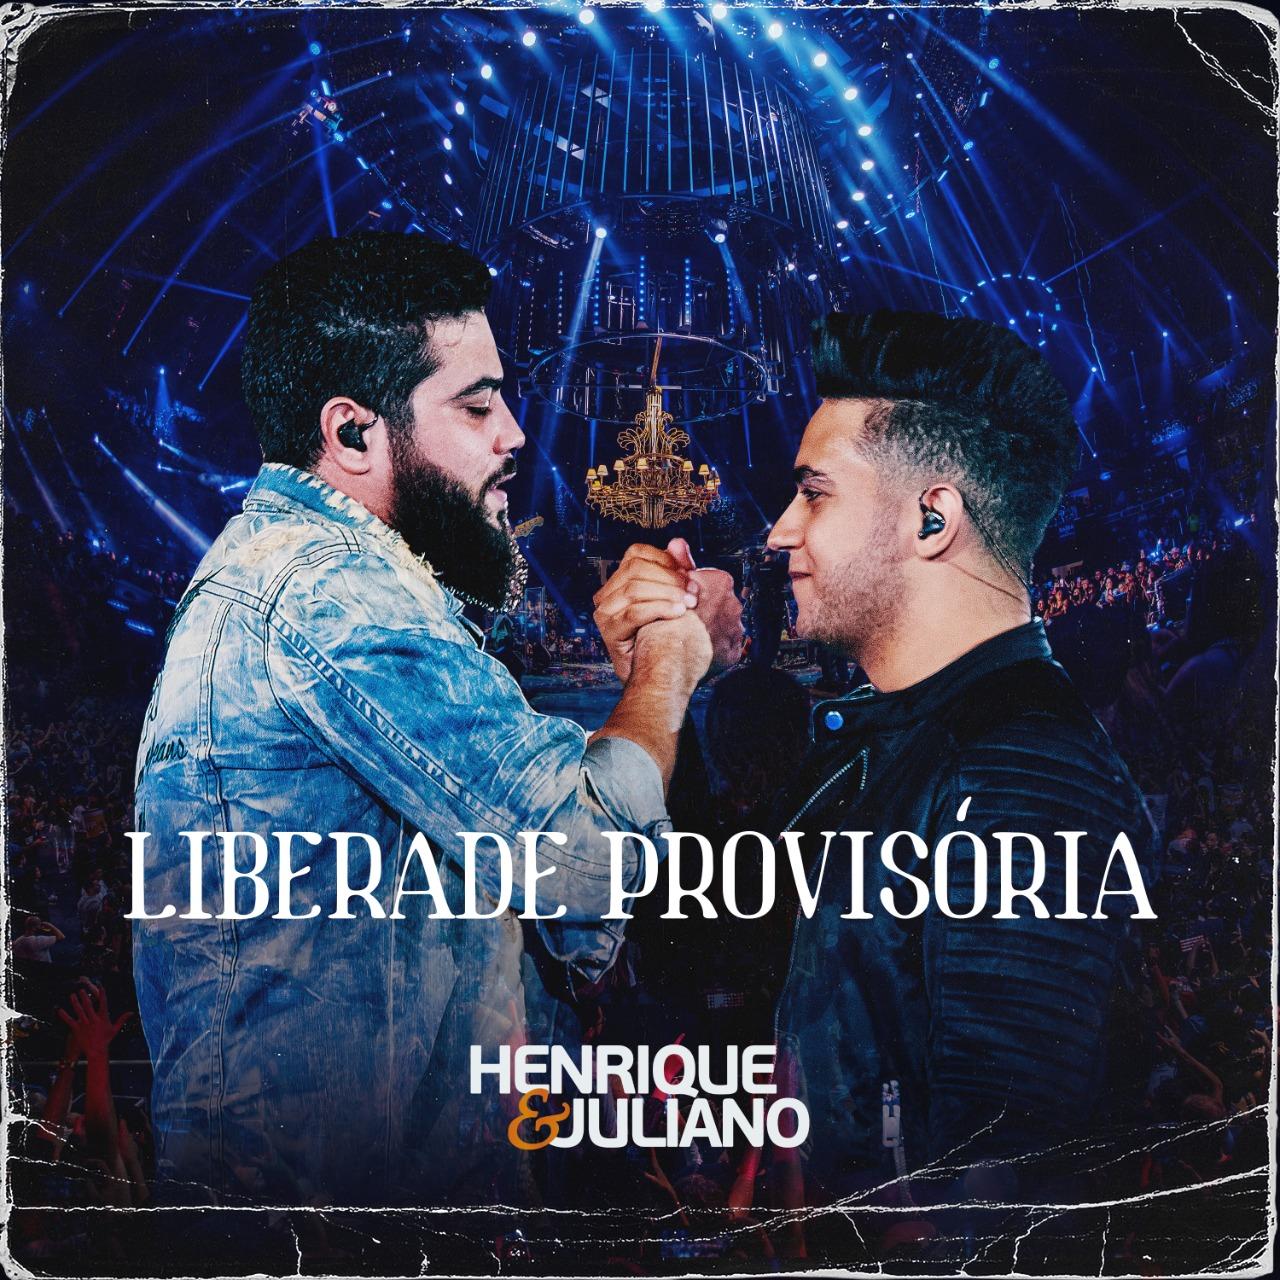 Recordistas em visualizações no YouTube, Henrique e Juliano lançam música inédita